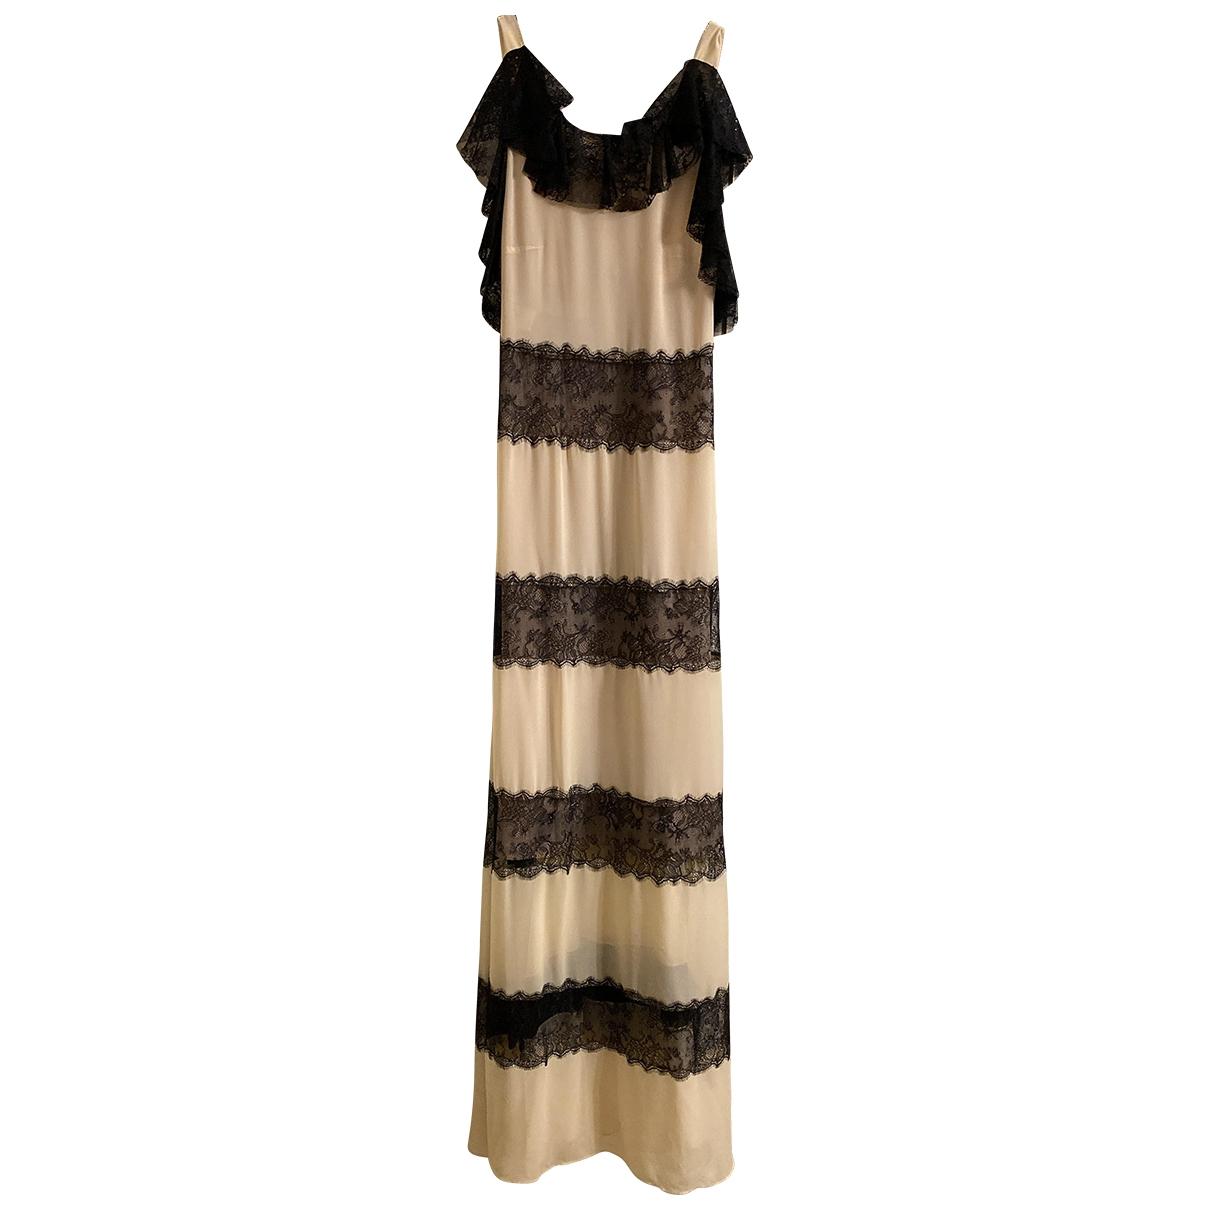 Philosophy Di Alberta Ferretti \N Beige Lace dress for Women 40 IT